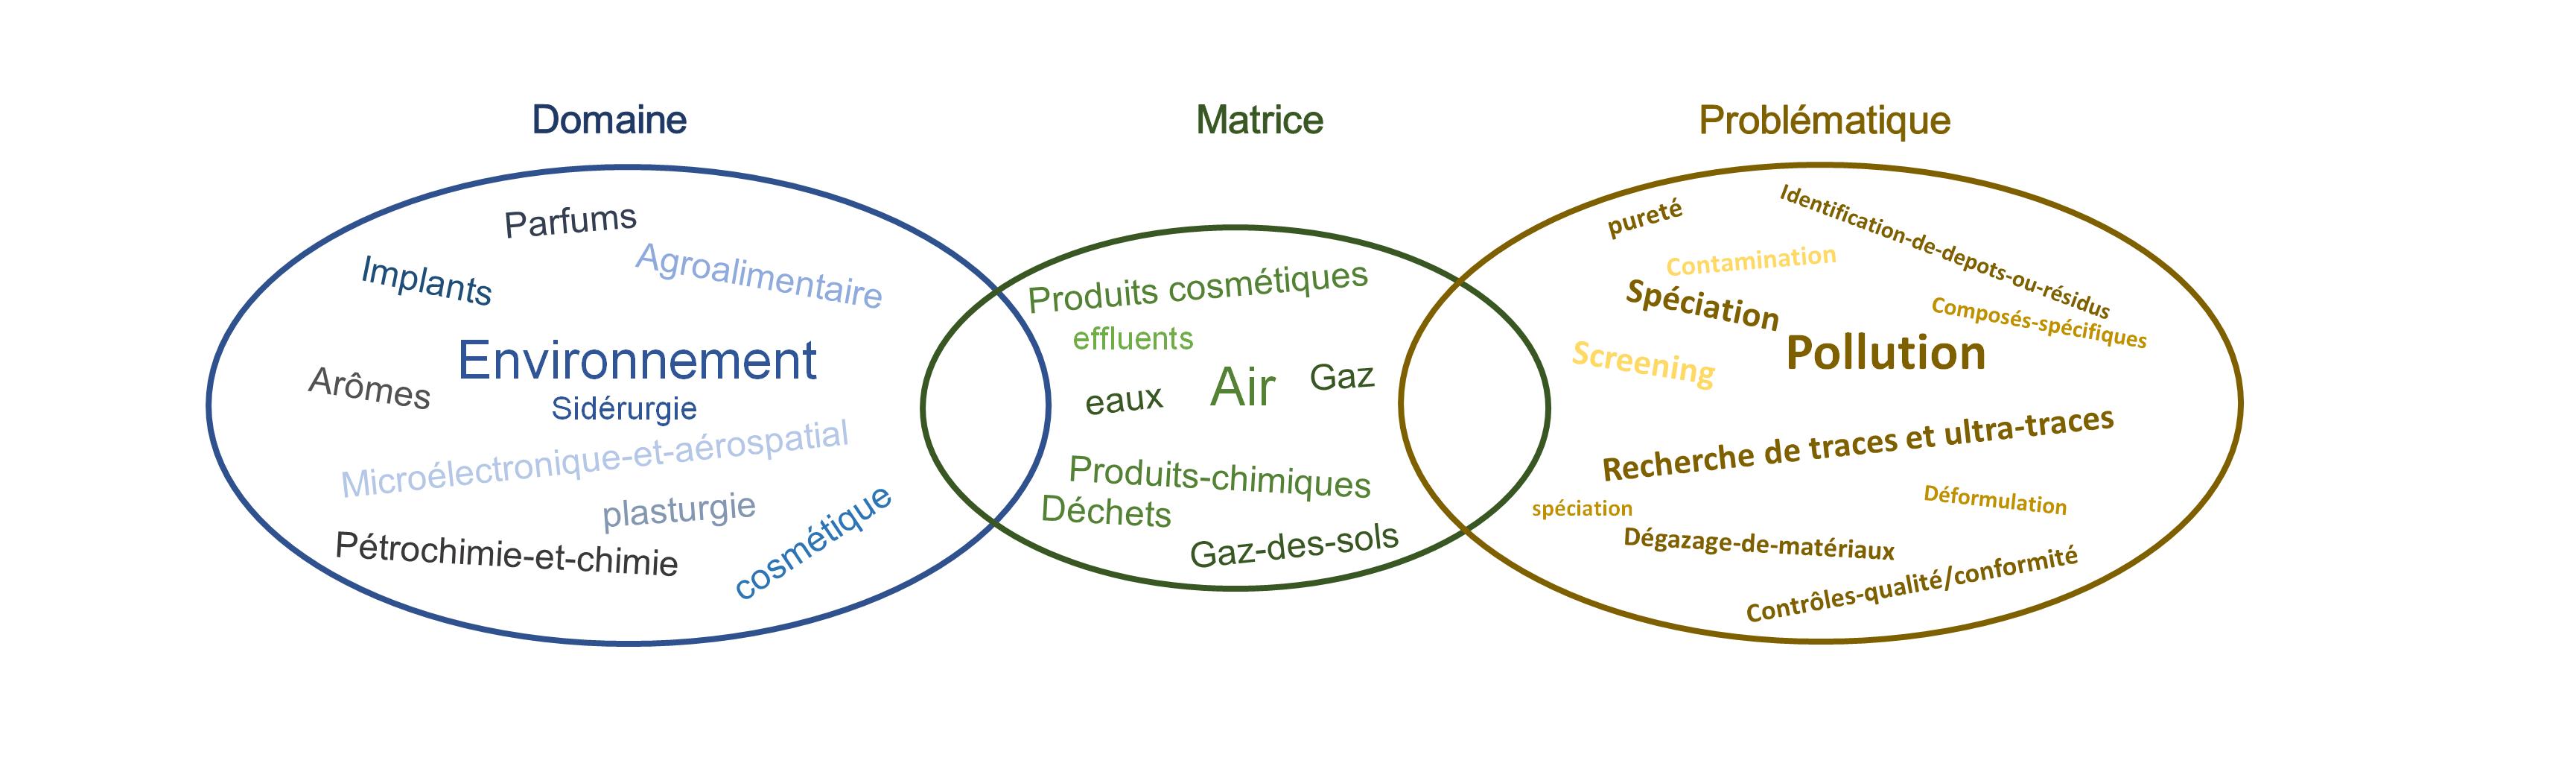 Analyse de l'eau, l'air, sol, produits